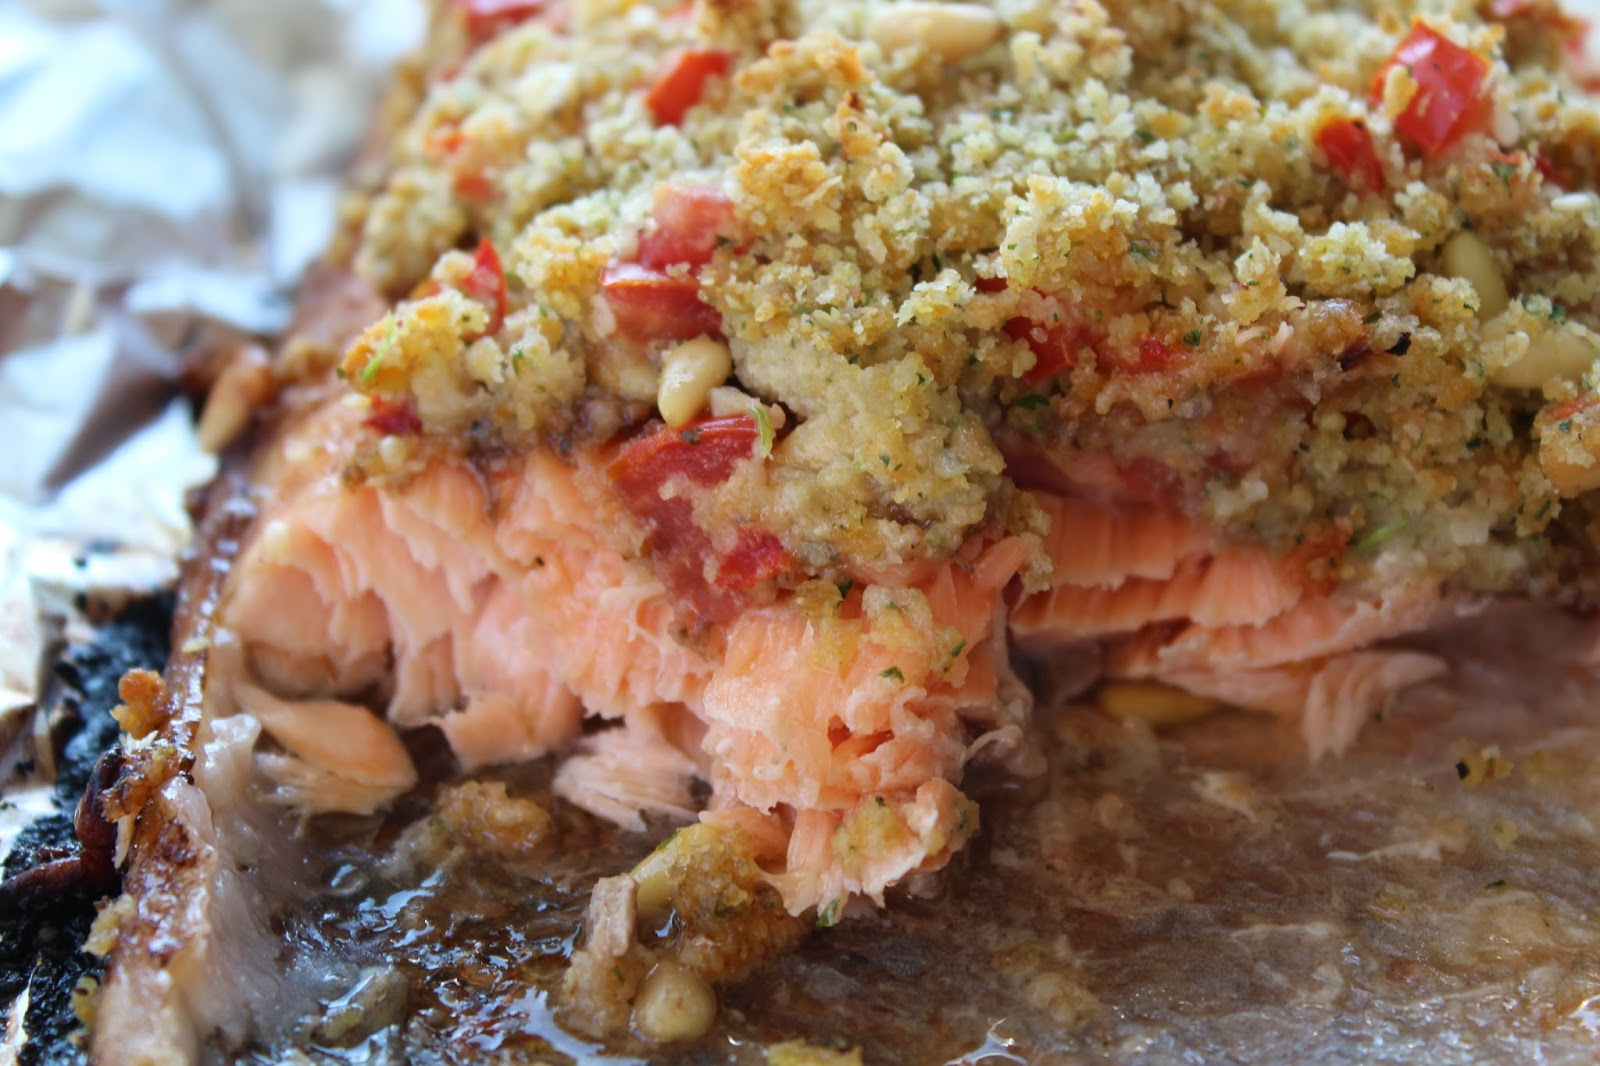 Marias Madside: Grillet lakseside med balsamicosirup og pinje-, tomat- og krydderurtecrumble